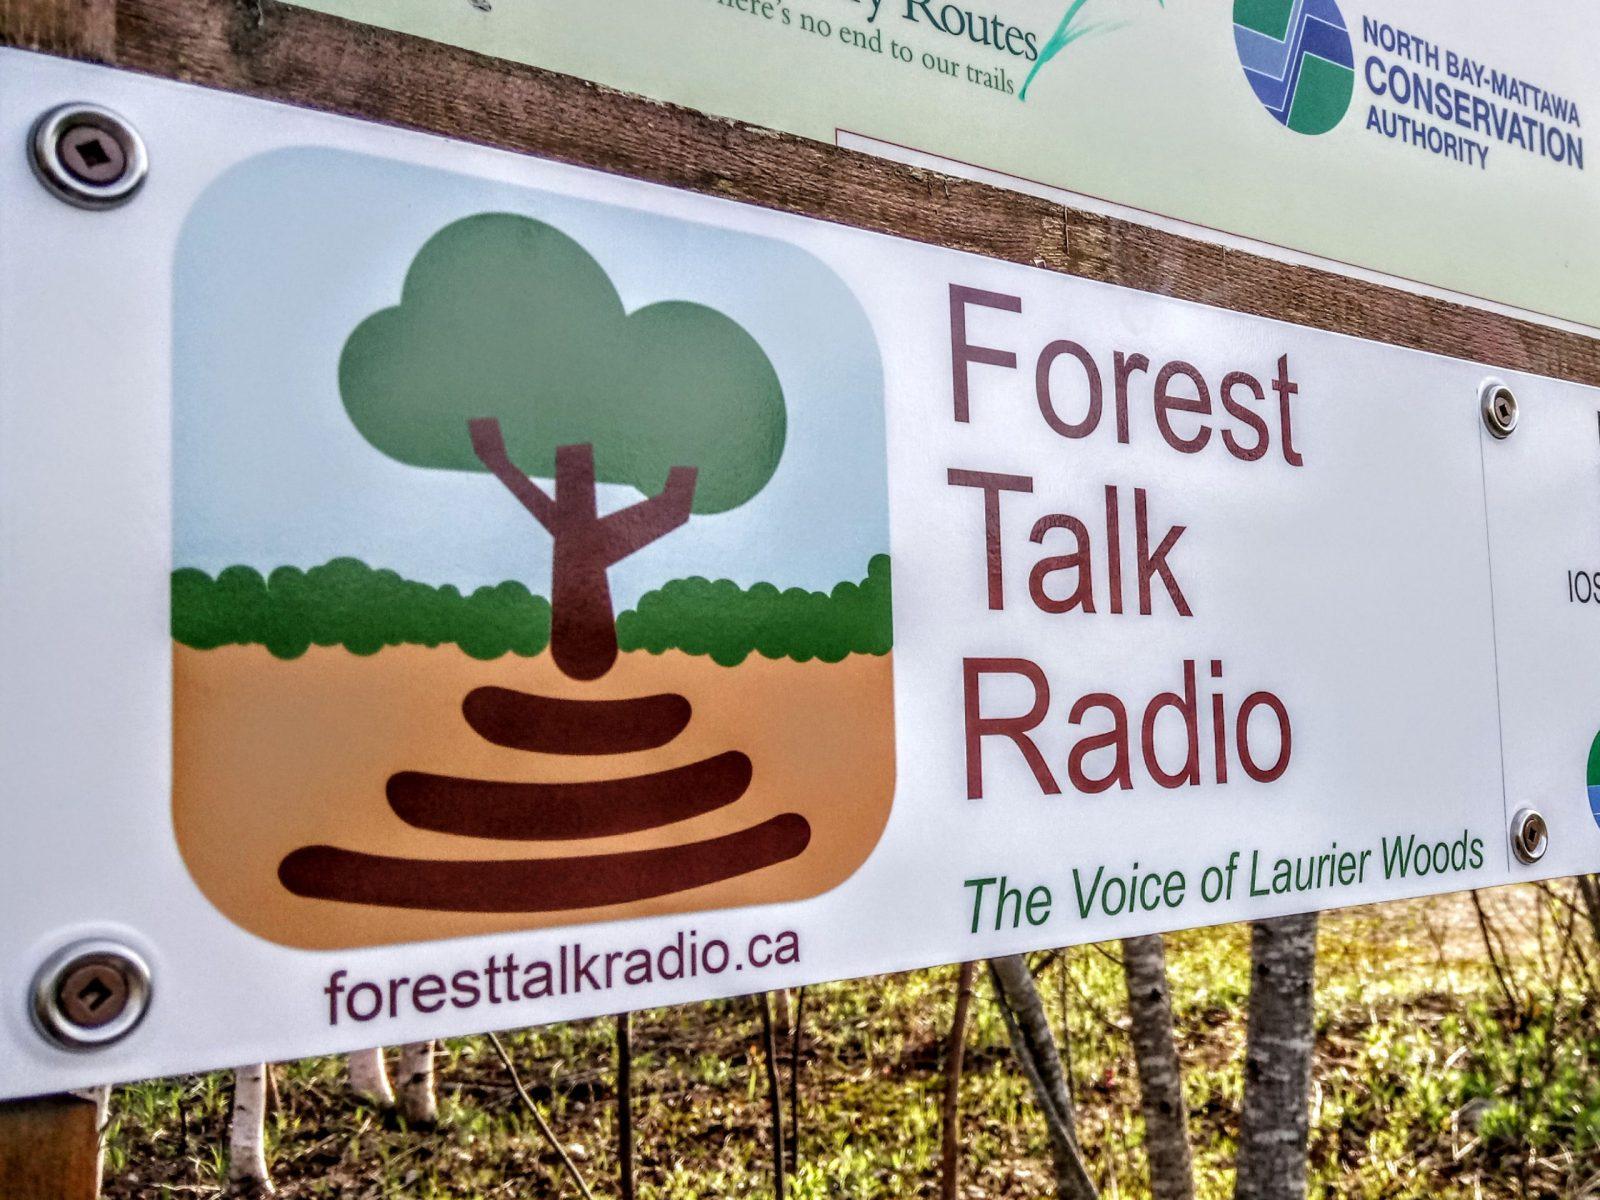 1576167982.ForestTalkRadio-trailhead